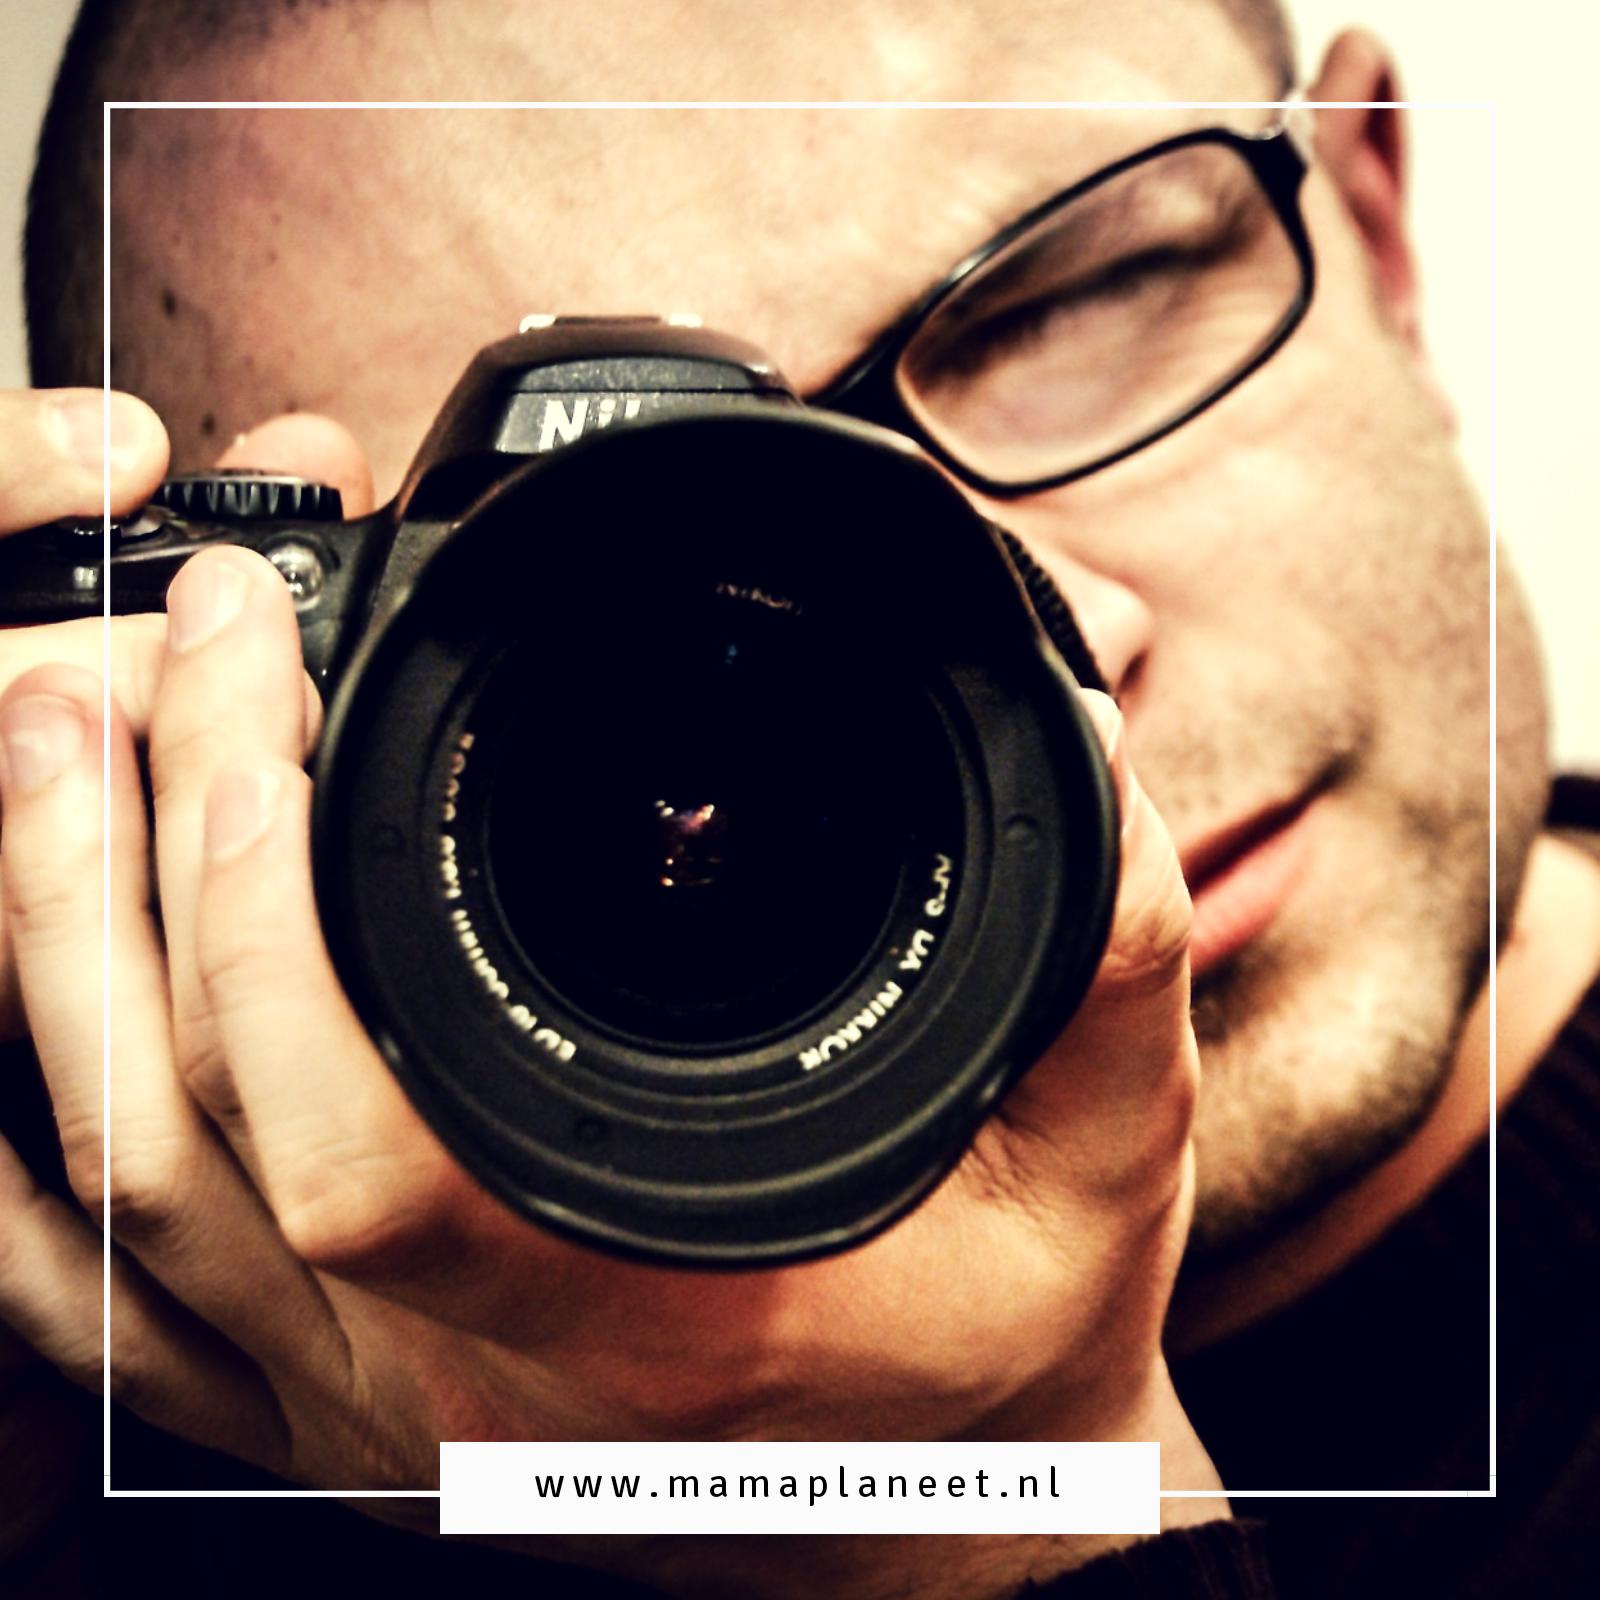 schoolfotograaf maakt de schoolfoto